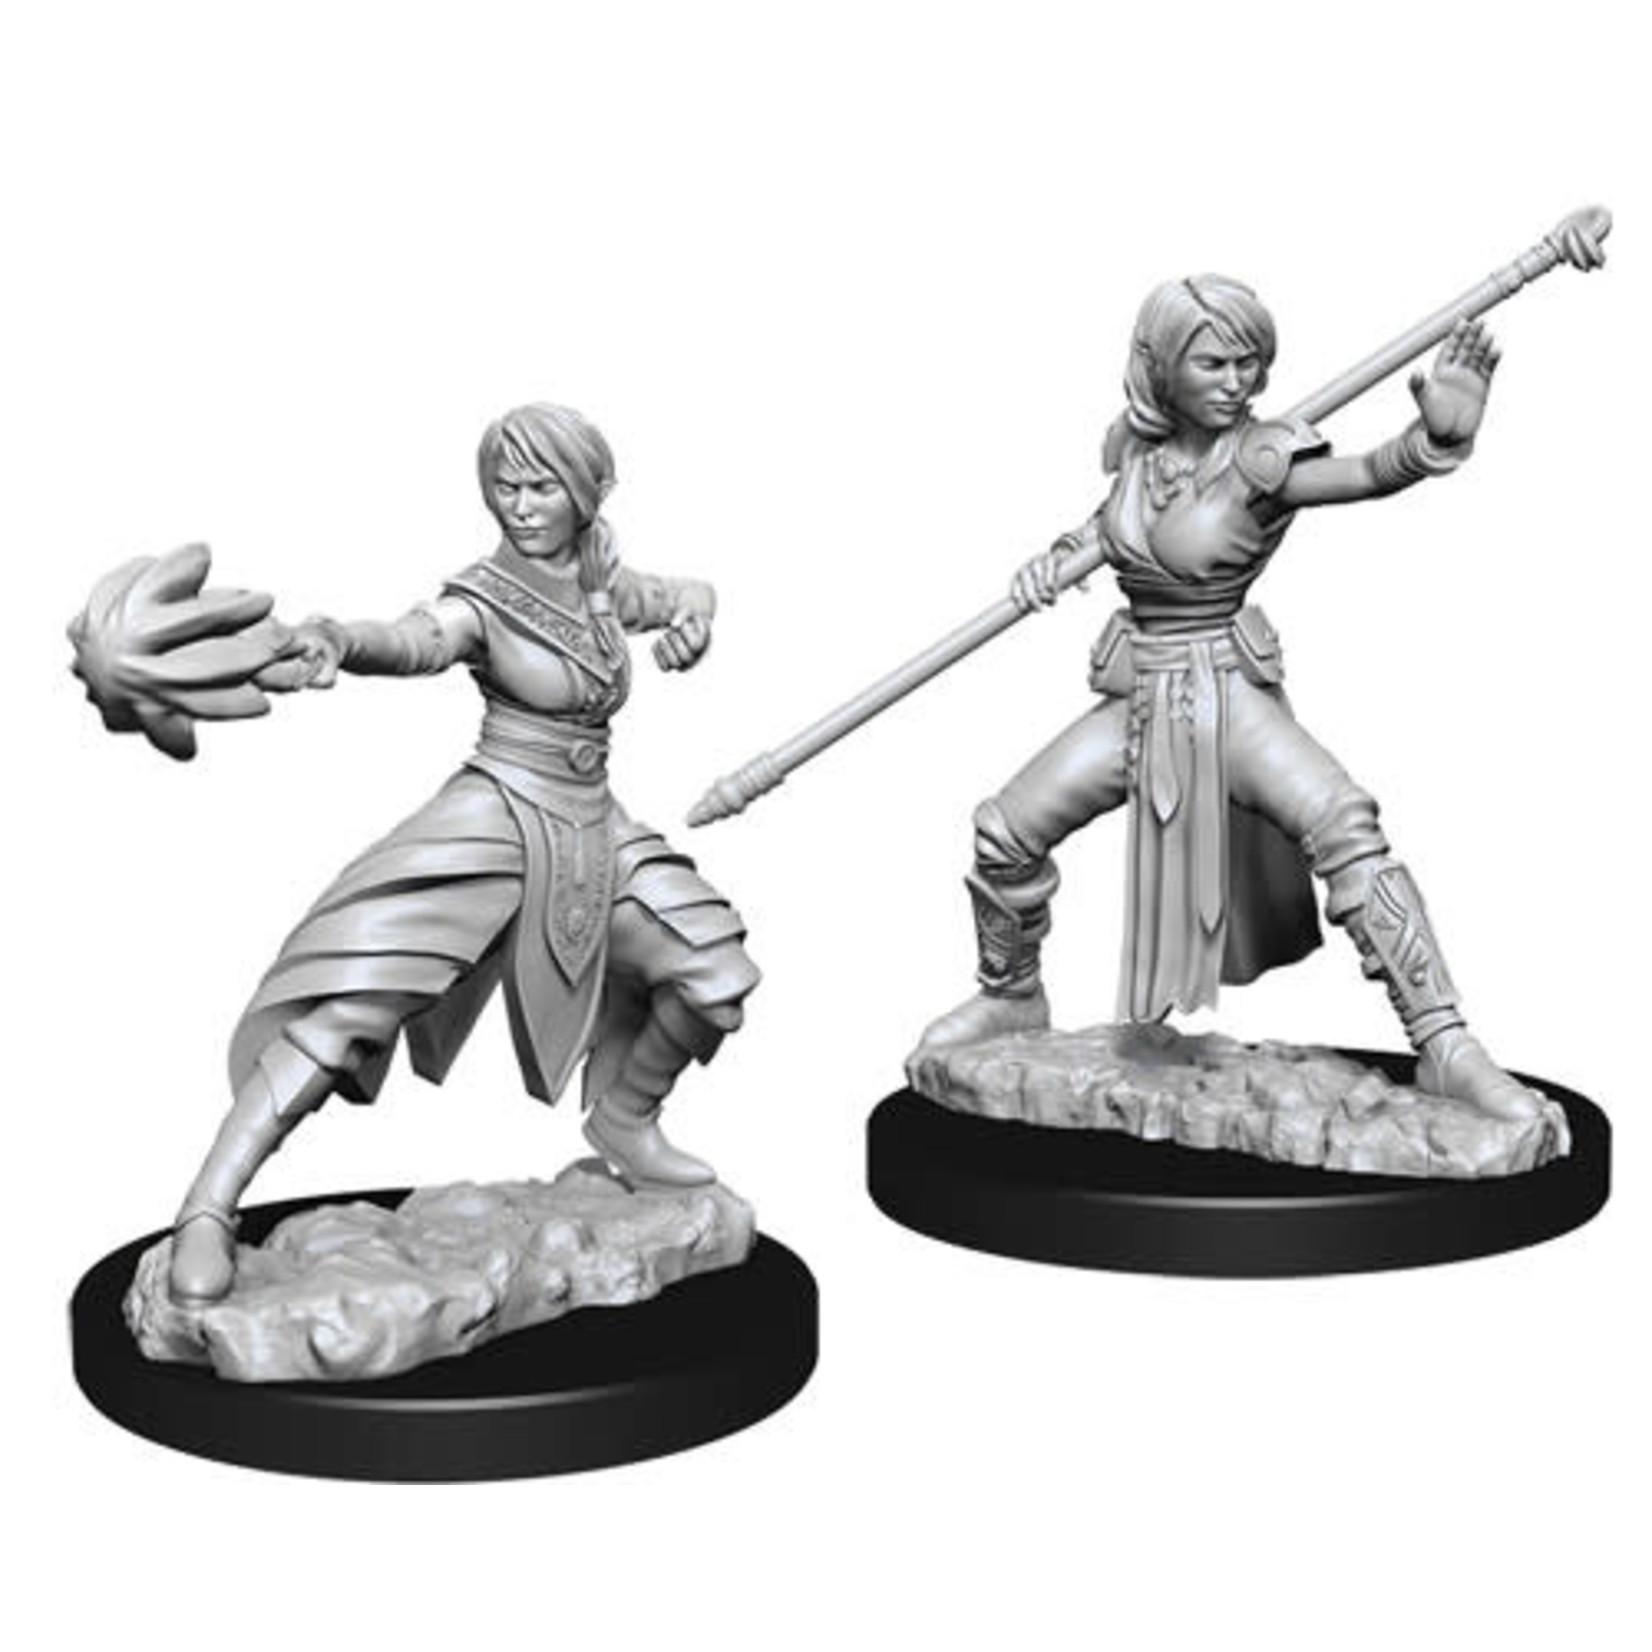 D&D Unpainted Minis: Half-Elf Female Monk (Wave 10)